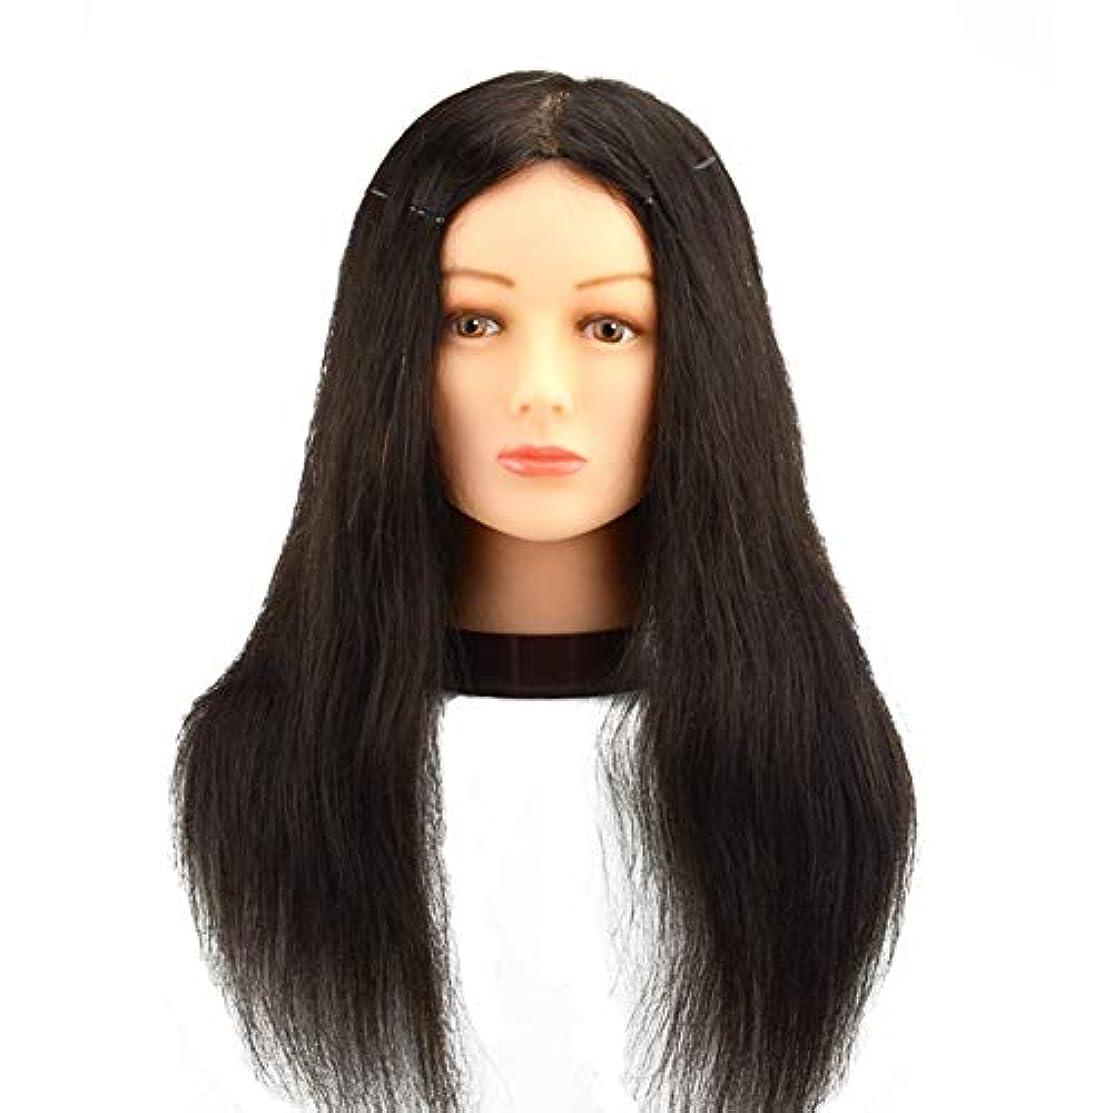 コメントユーザー酸っぱい理髪店パーマ髪染め練習かつらヘッドモデルリアルヘアマネキンヘッド化粧散髪練習ダミーヘッド,20inches